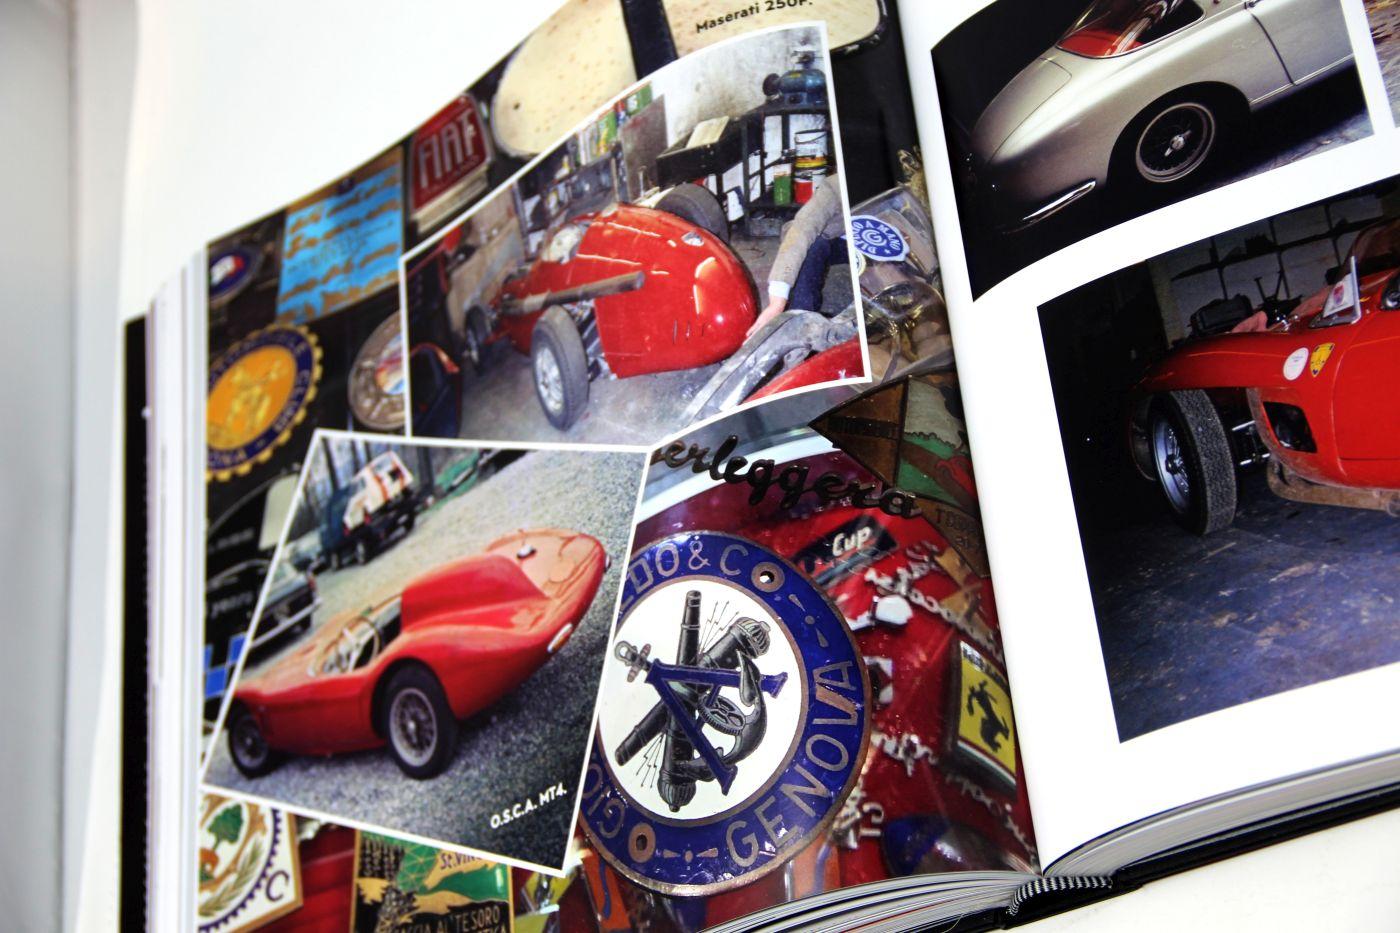 Superfinds Michael Kliebenstein Porter Press (6)